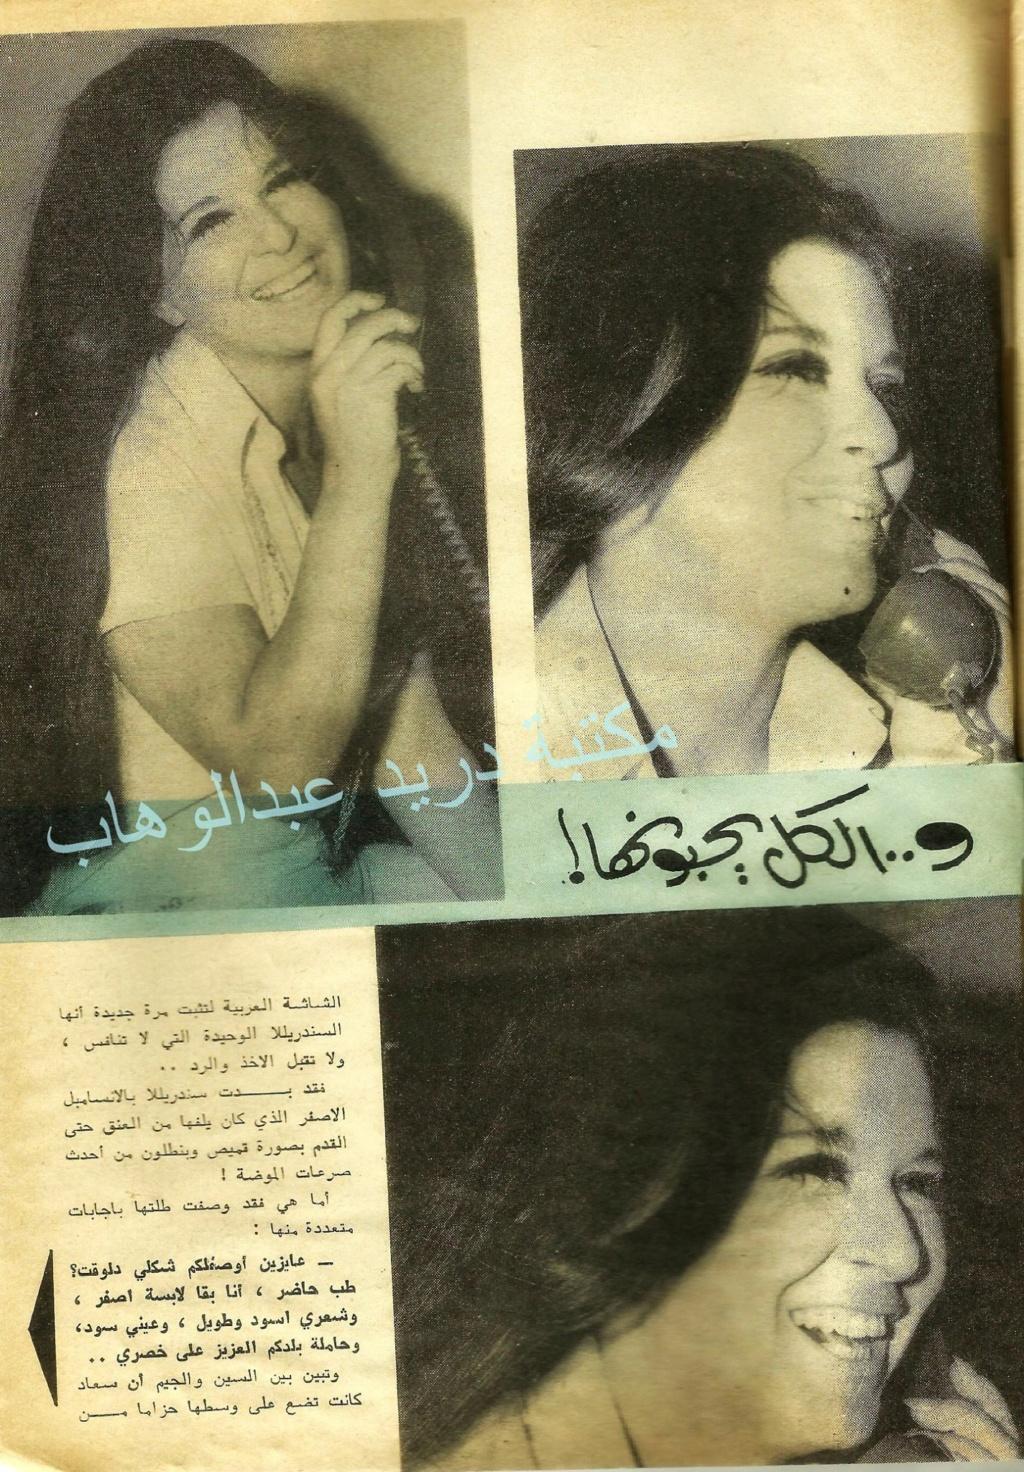 مقال صحفي : السندريللا .. والكل يحبونها 1969 م 2122